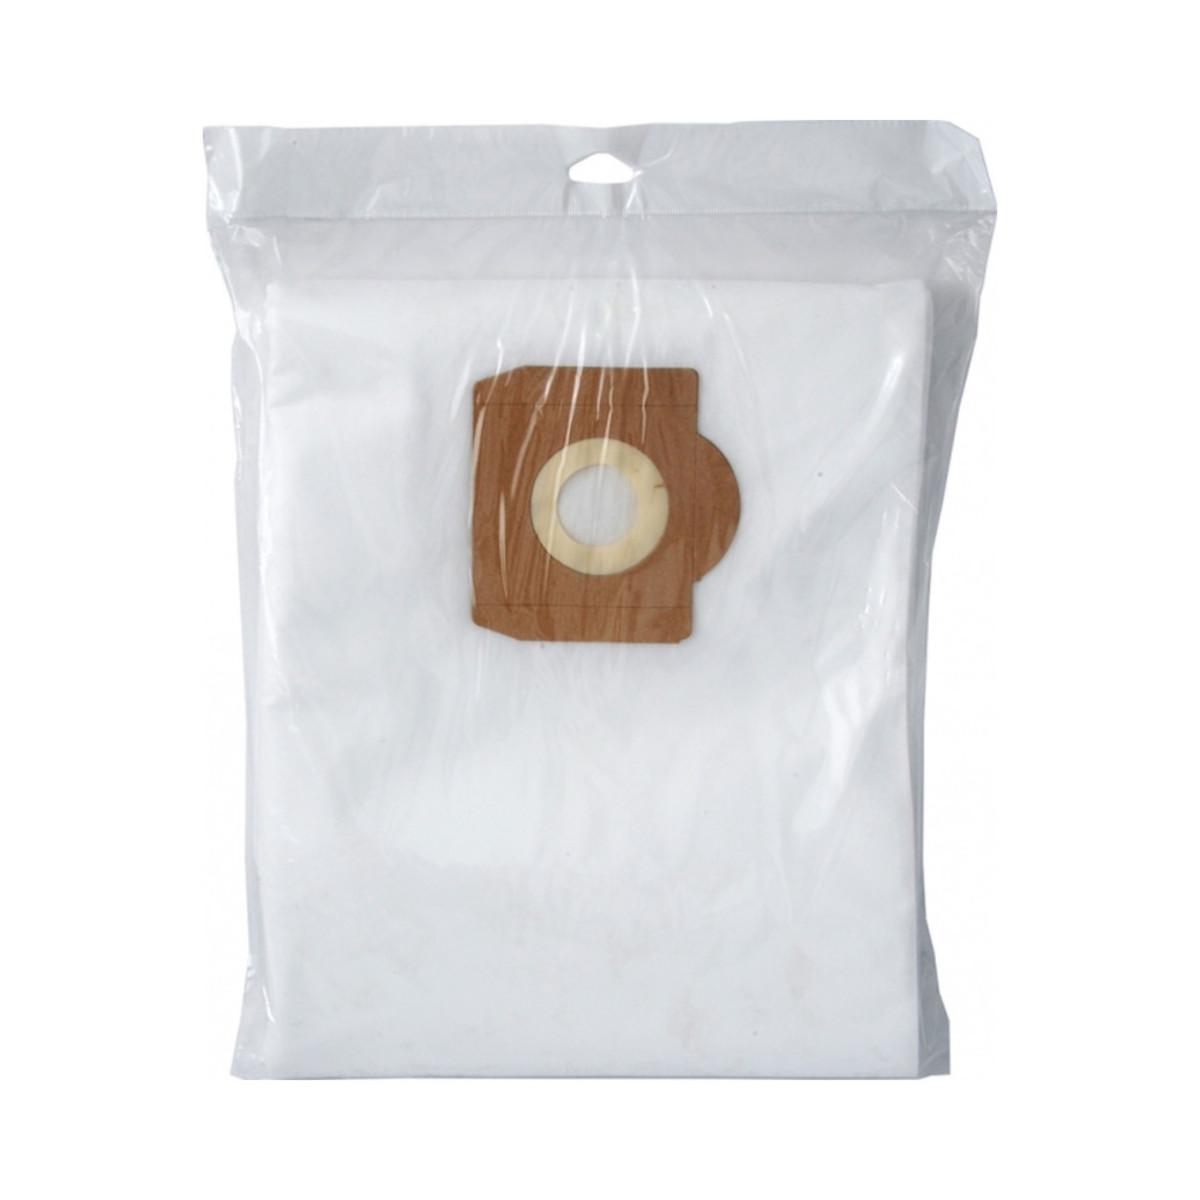 Мешок для пылесоса ELITECH ПС 1235А 23100009